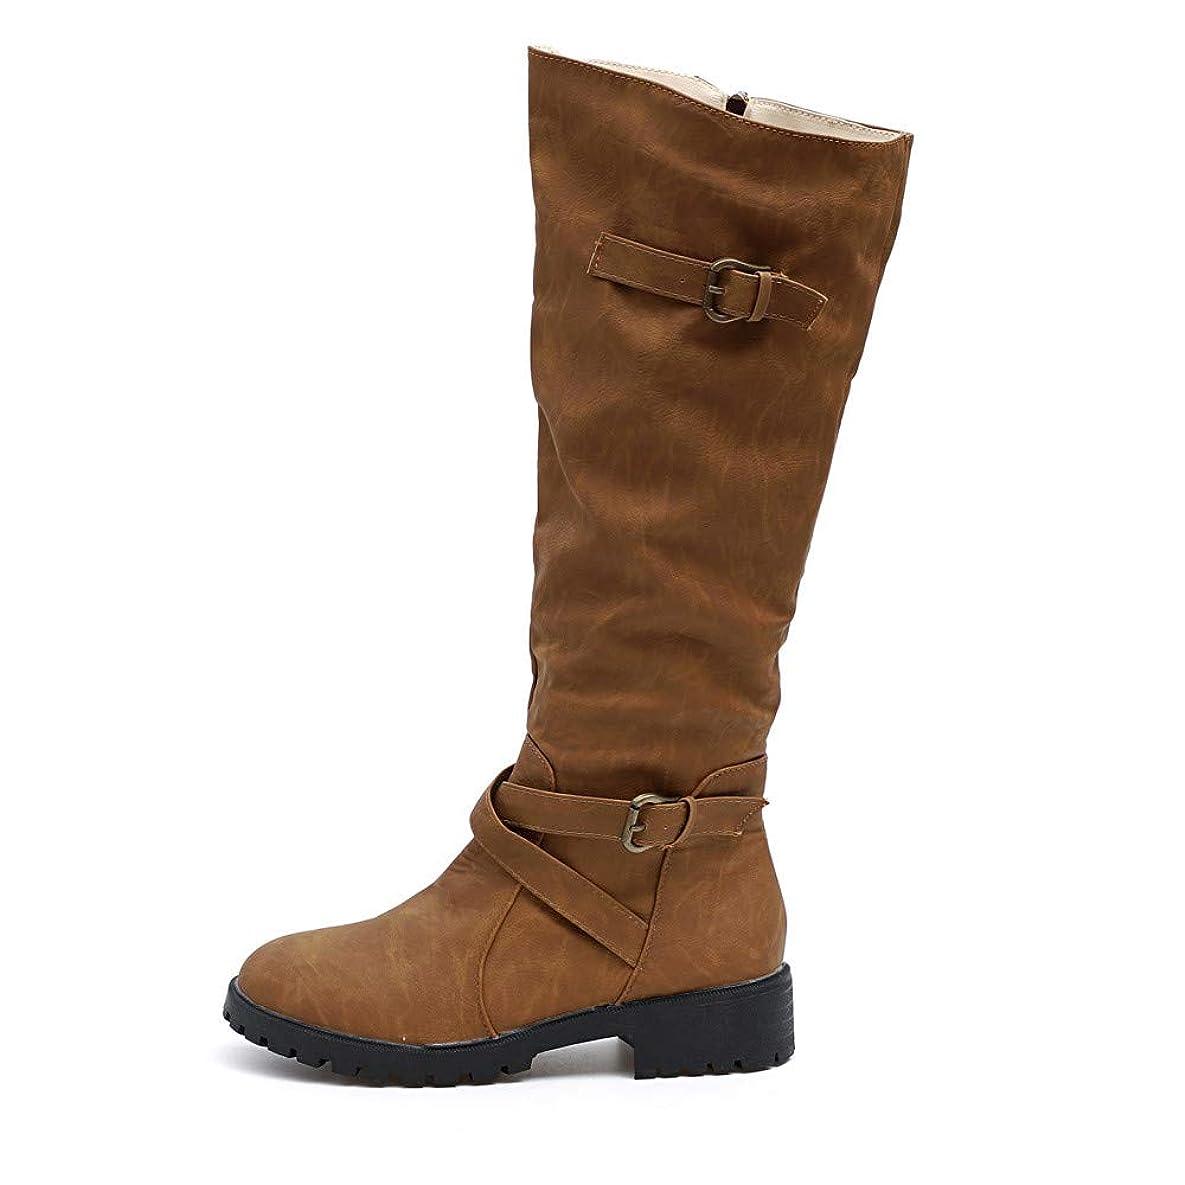 すでにさわやかテンション[LZE] ロングブーツ ニーハイブーツ 長靴 レディース ストレッチ ハイヒール7cm エレガント 美脚 カジュアル ボア エナメル セクシー ファッション 暖かく保つ 無地 快適 女子力 きれいめ オシャレ